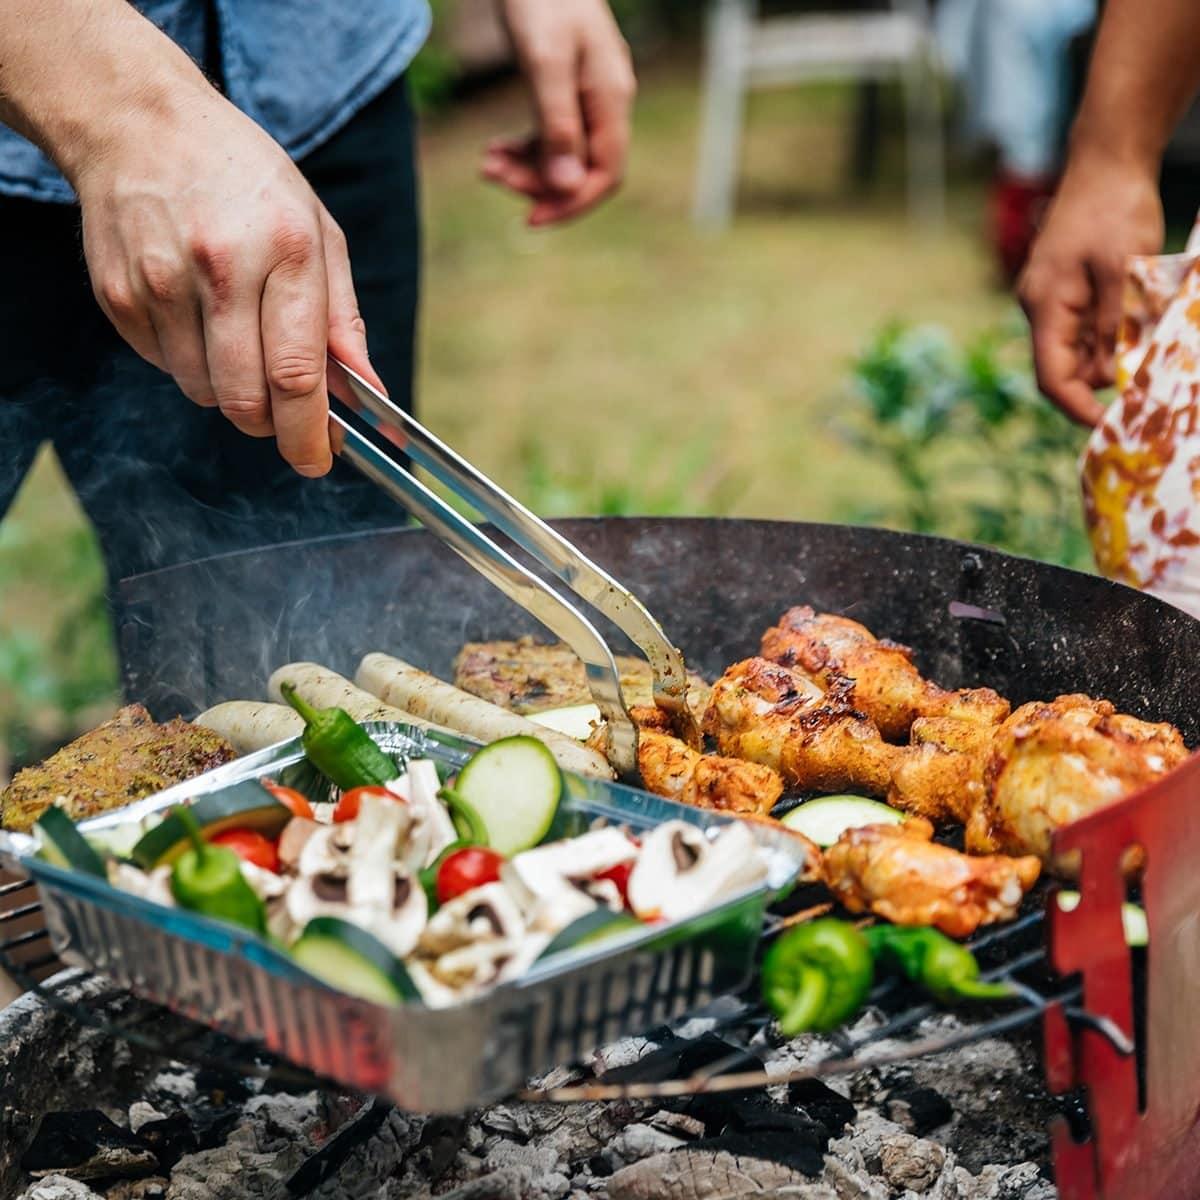 Un primer plano de aman cocinando diferentes alimentos en una barbacoa.